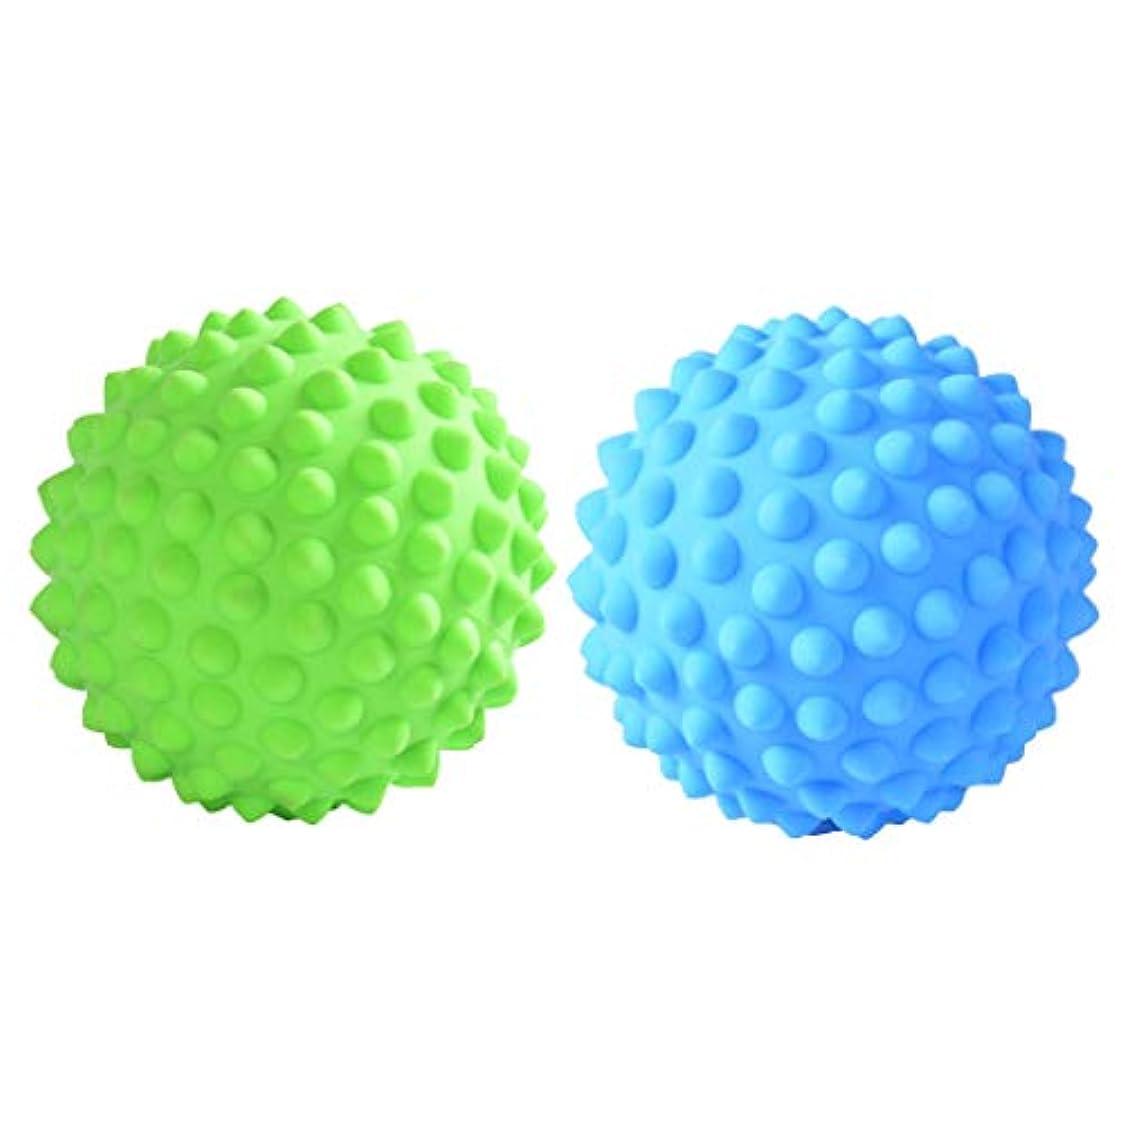 バイオリニストペンバーマドsharprepublic マッサージローラーボール 指圧ボール トリガーポイント疲れ解消ボール ヨガ疲労軽減 筋膜リリース2個